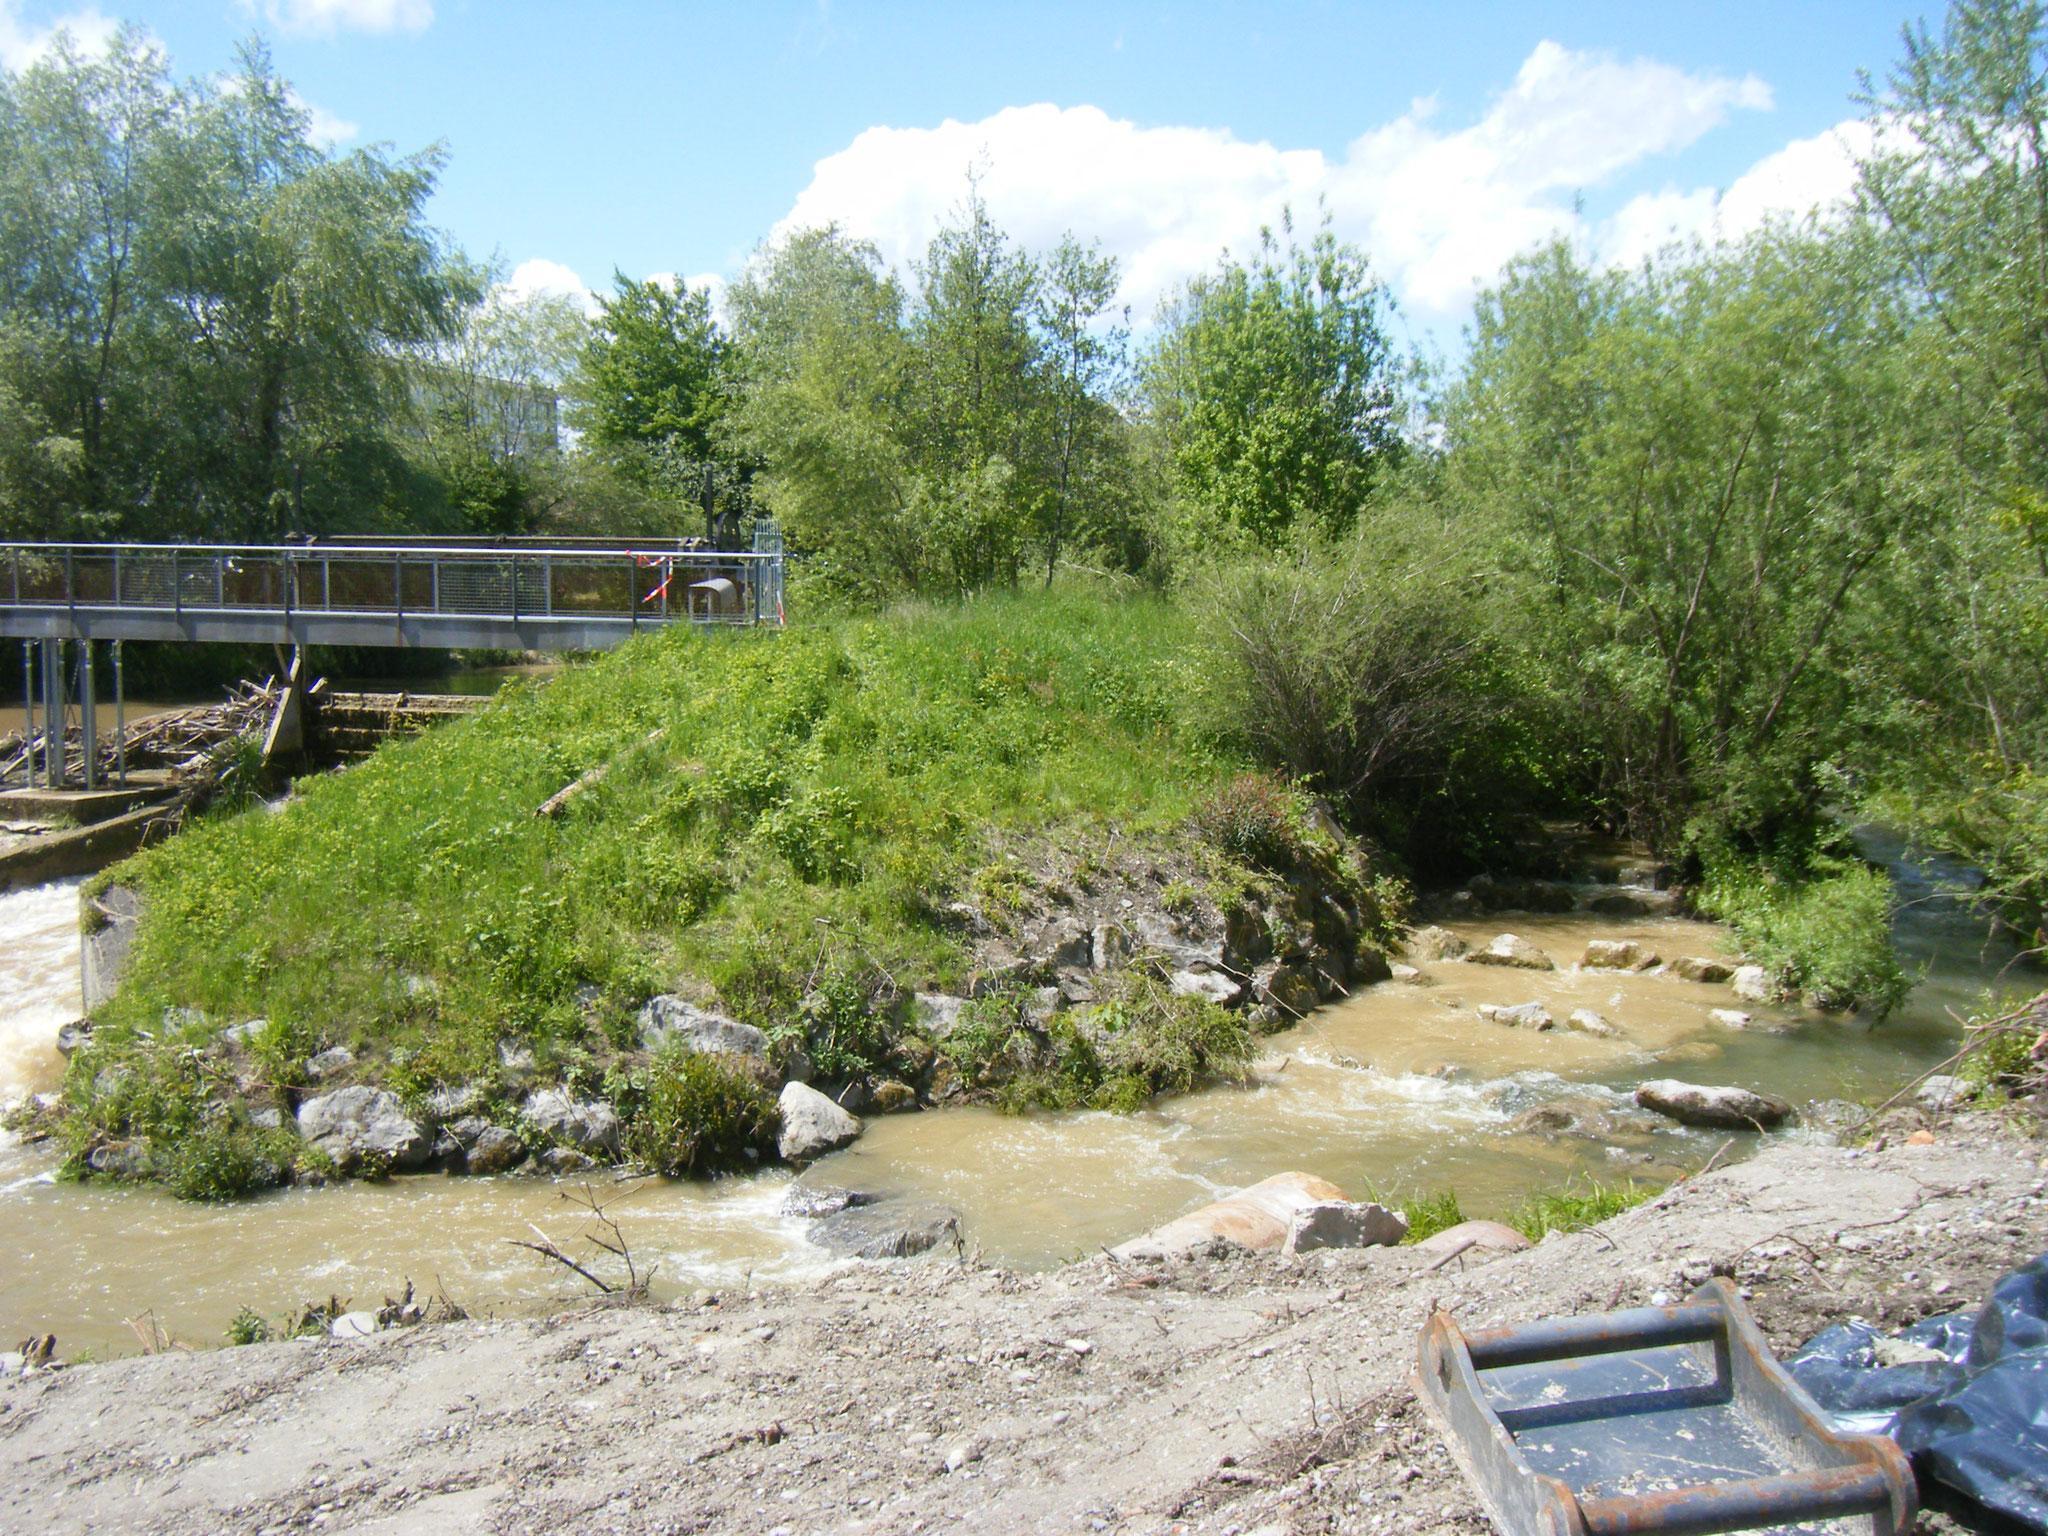 Blick auf die Fischtreppe und daneben die Einmündung des Allmannsweiler Baches, rechts unten der Einlauf des Stahlrohres